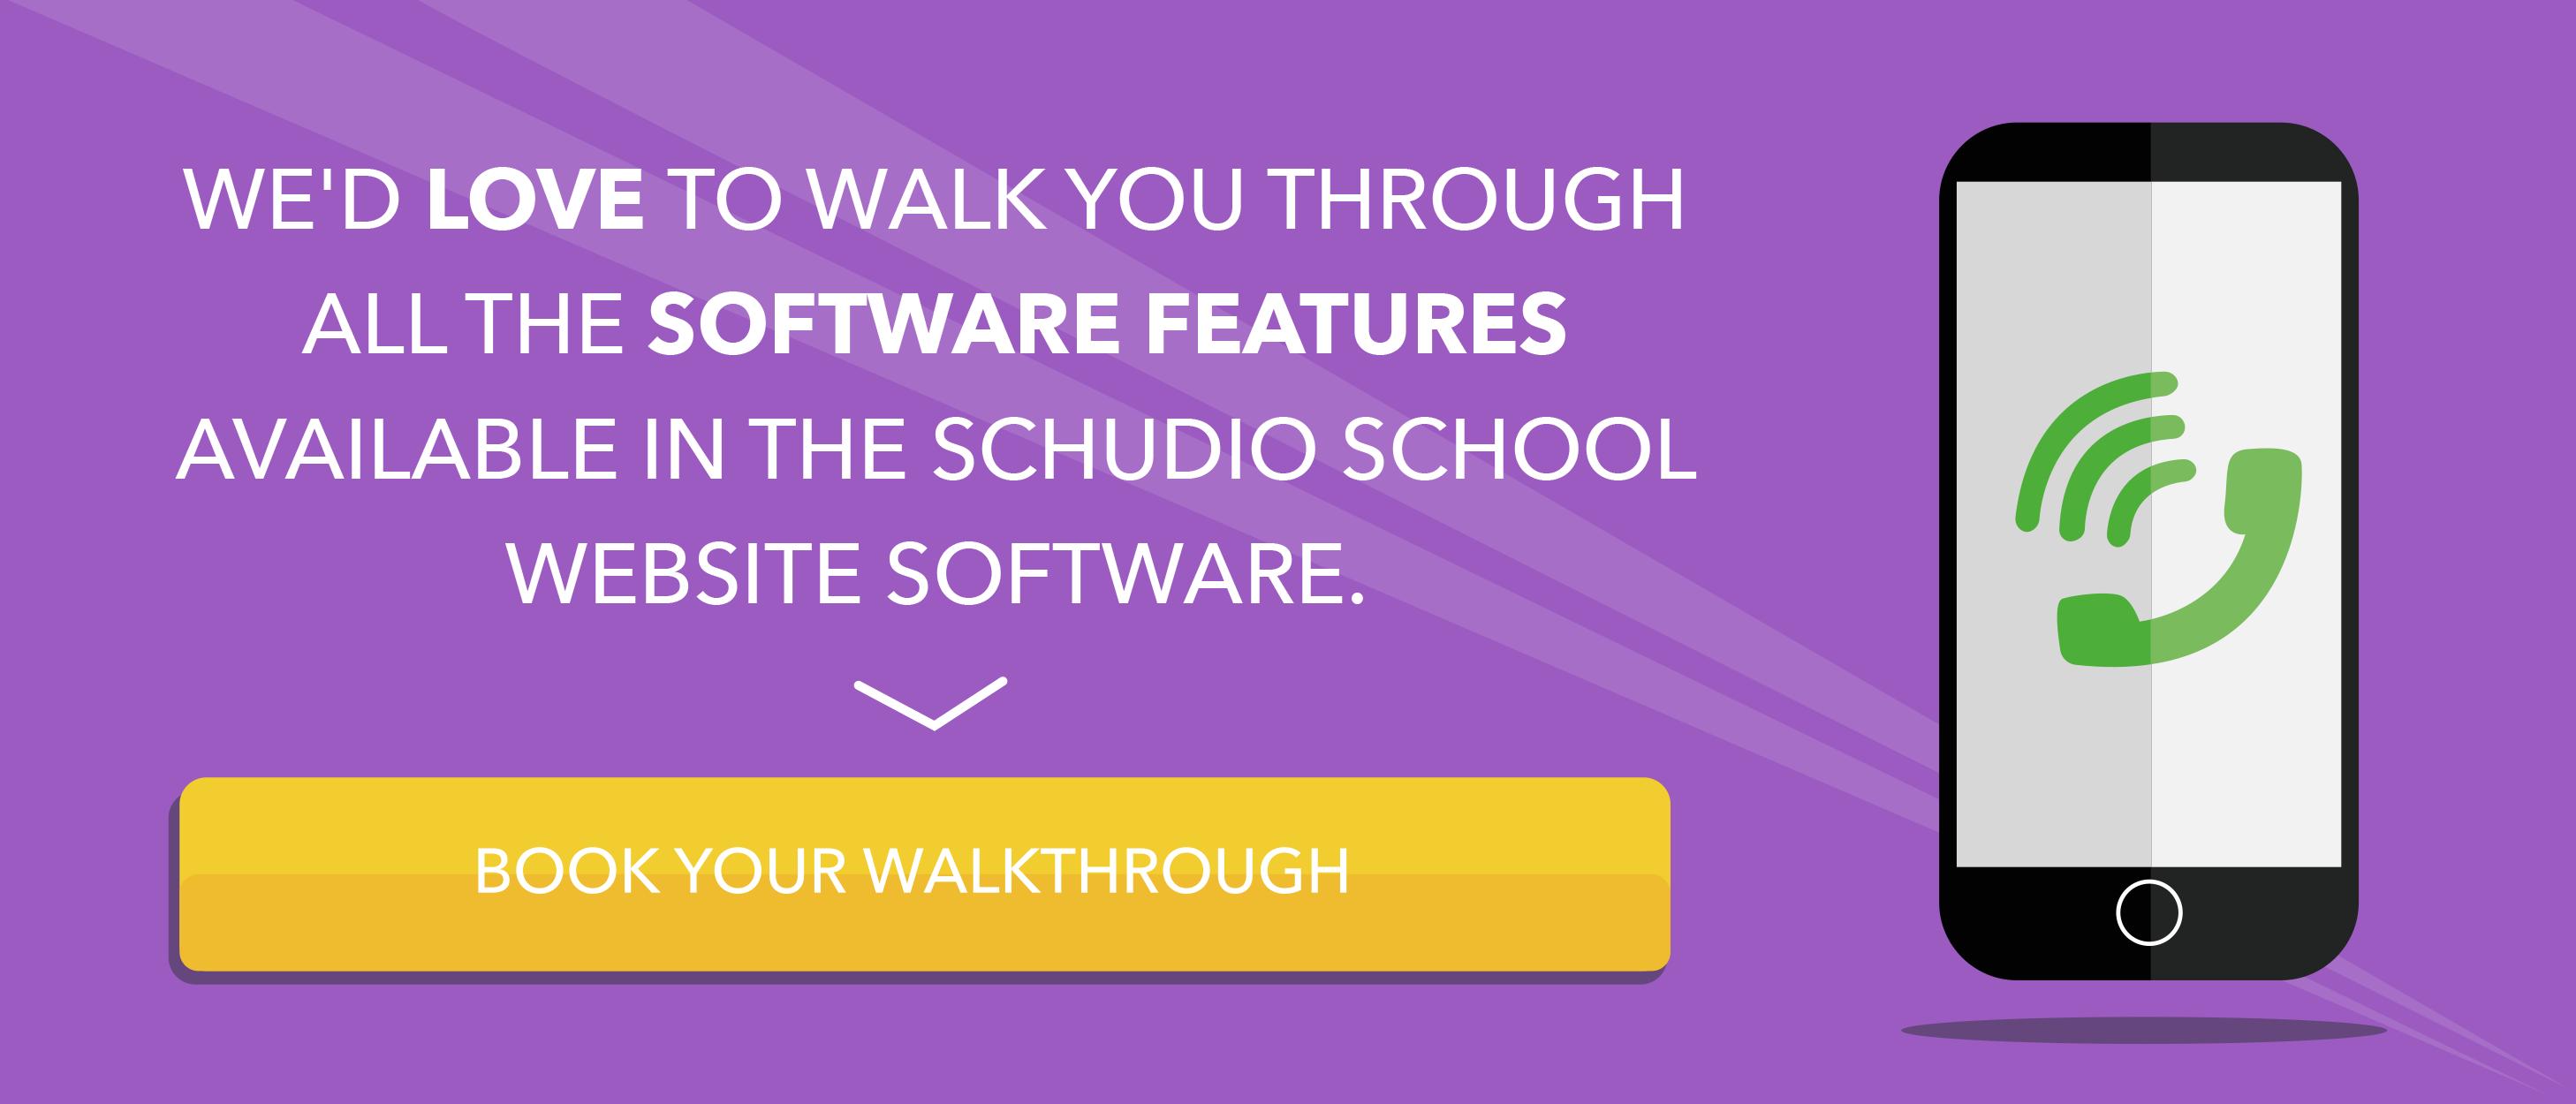 Book a school website walkthrough